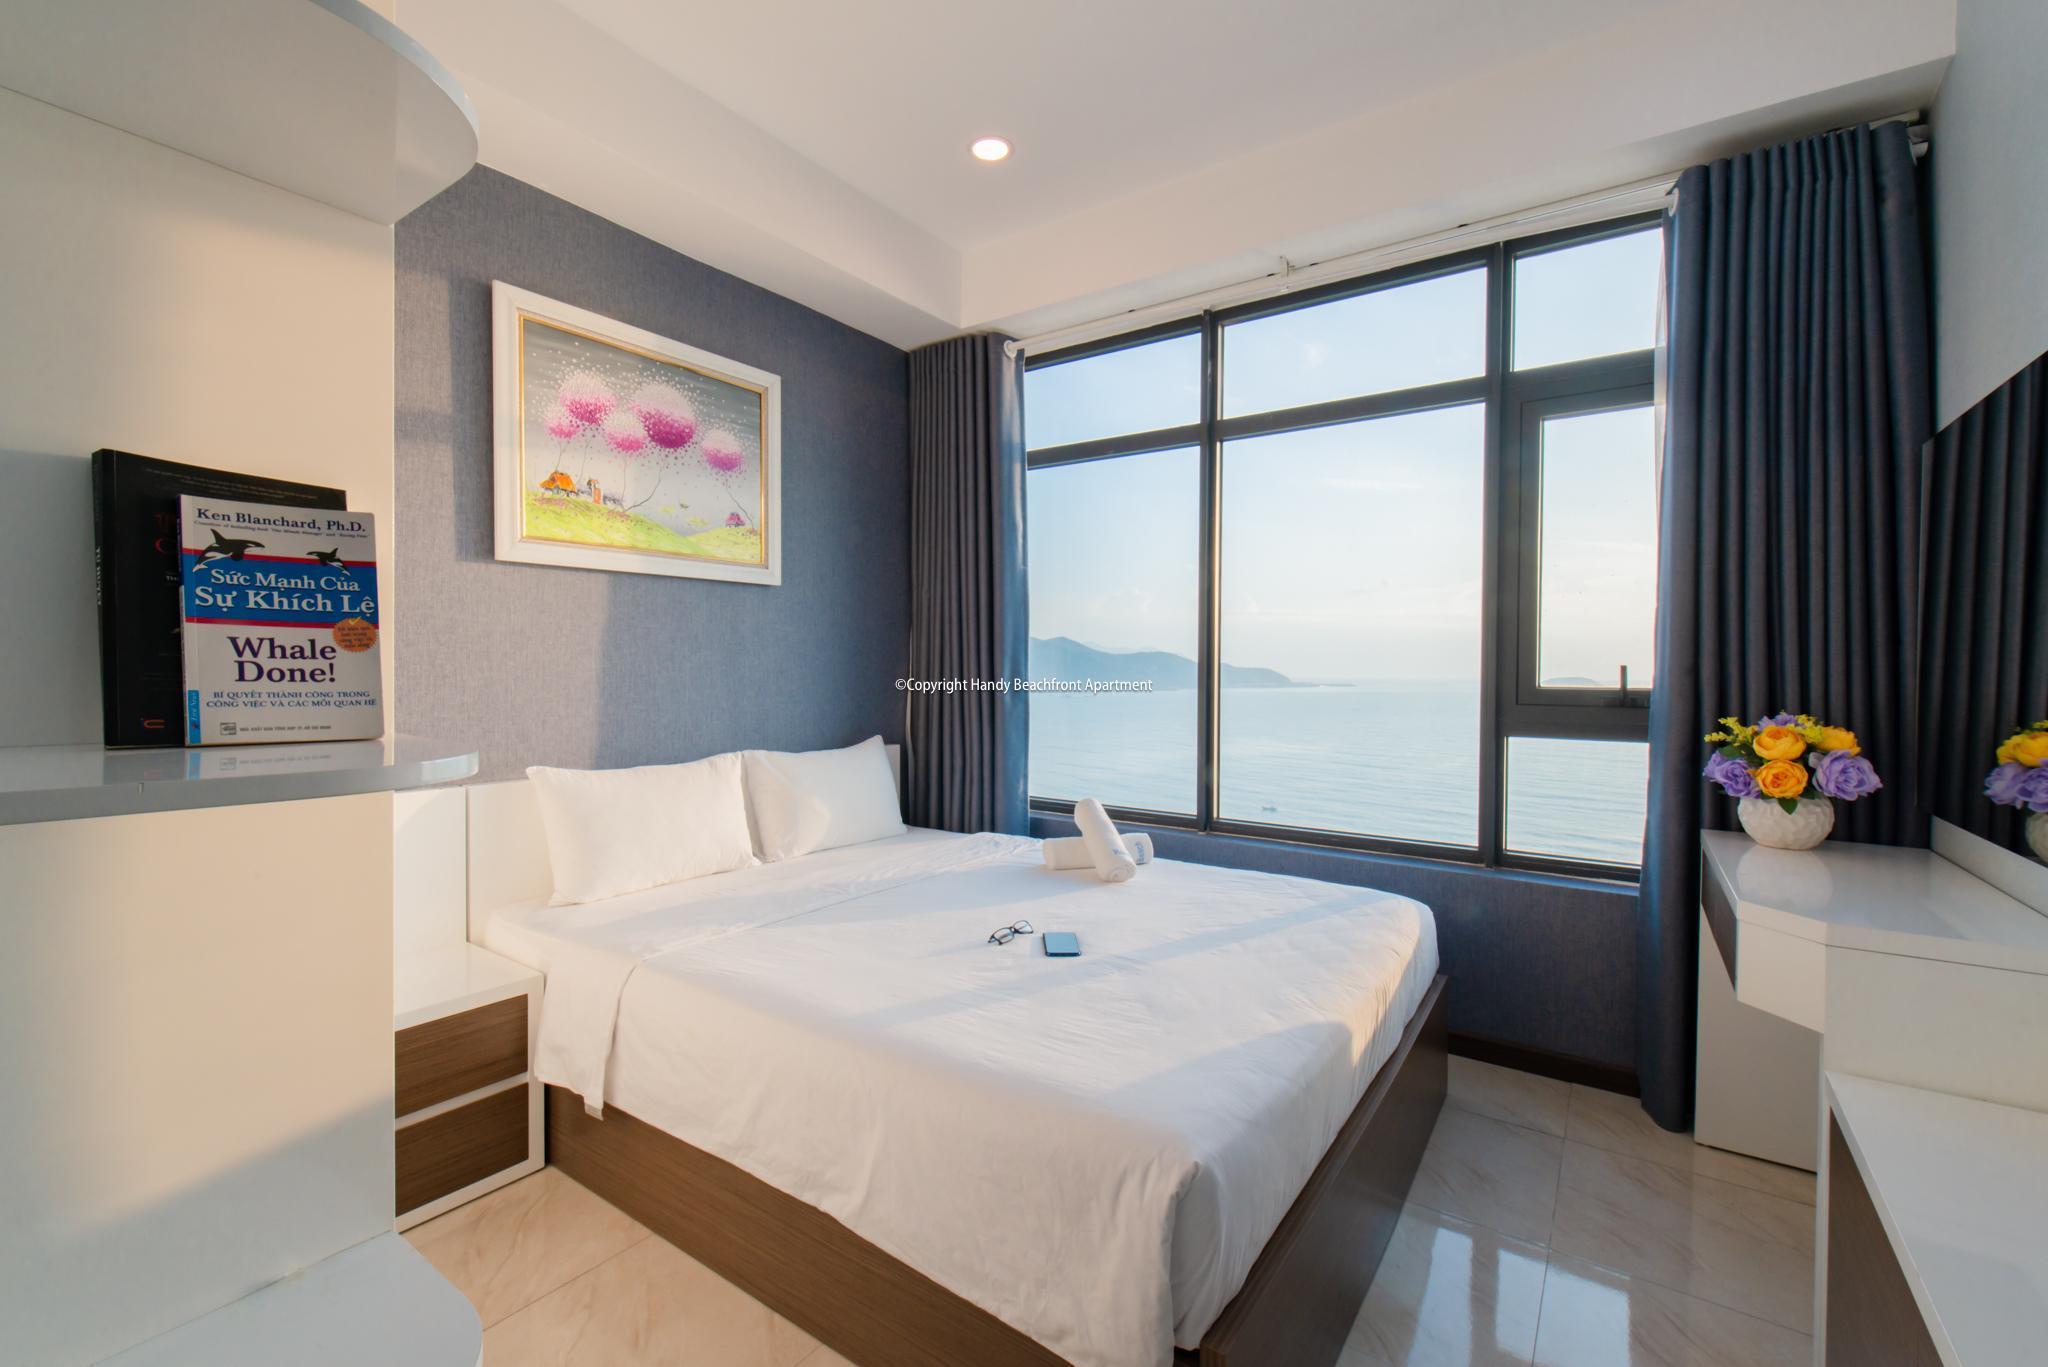 22. 3 BEDROOM OCEAN VIEW+BALCONY By Handybeach